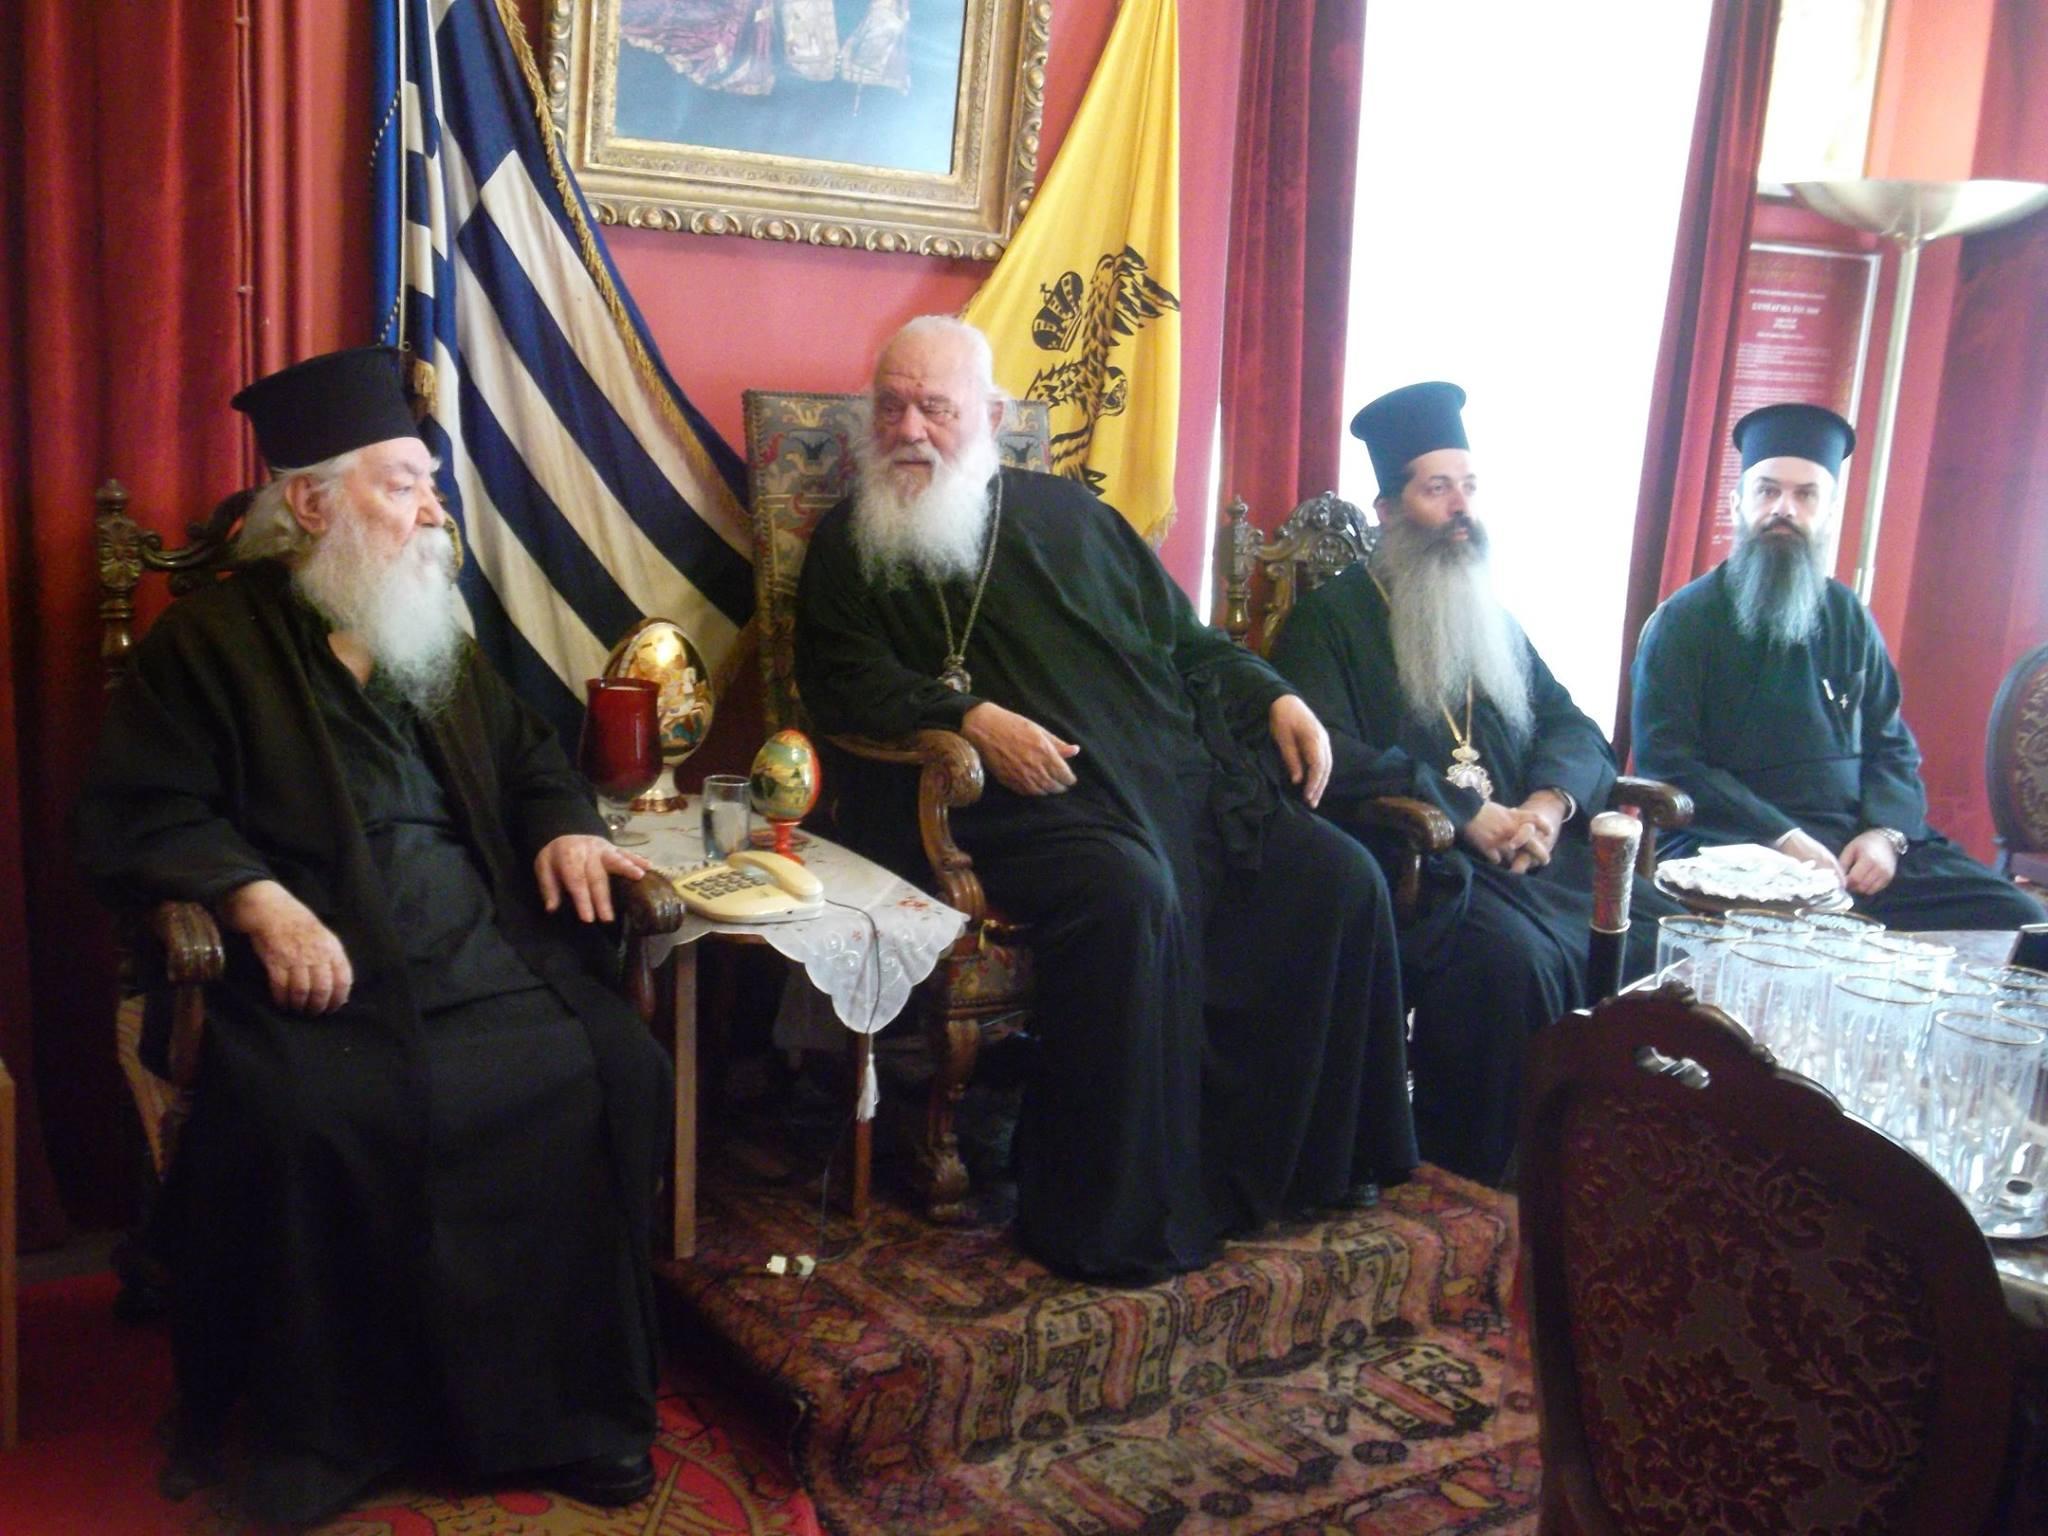 ΟΡΘΟΔΟΞΙΑ INFO I Τον μητροπολίτη Λήμνου επισκέφθηκε ο Αρχιεπίσκοπος Αθηνών